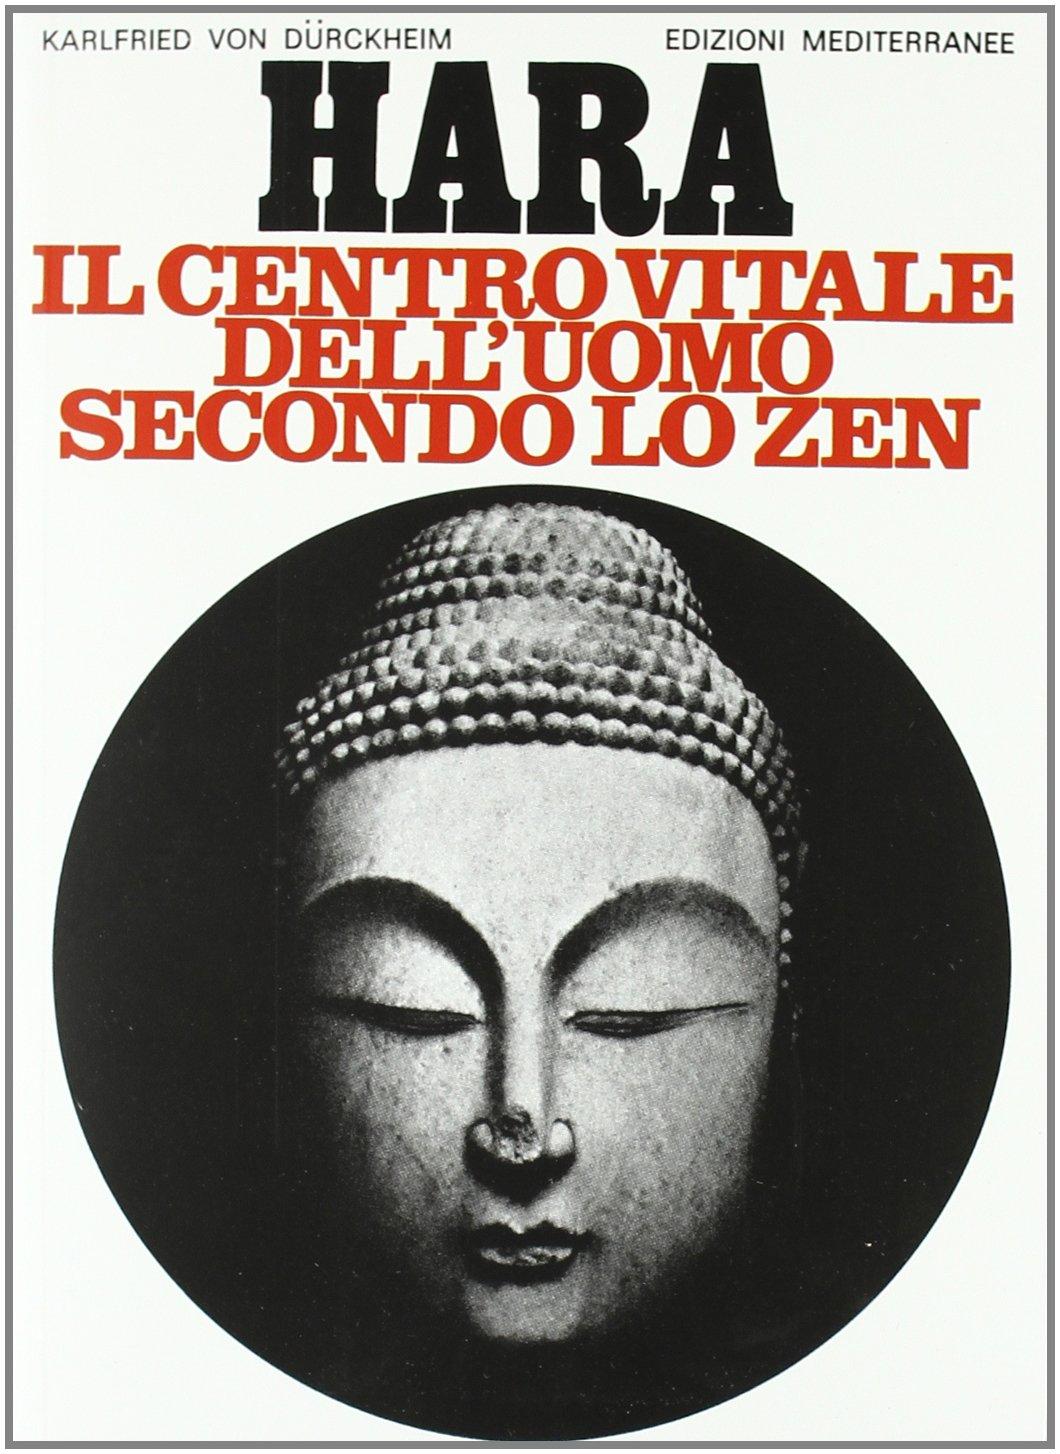 Hara. Centro vitale dell'uomo secondo lo zen Copertina flessibile – 30 set 1983 Karlfried Dürckheim J. Evola Edizioni Mediterranee 8827201769